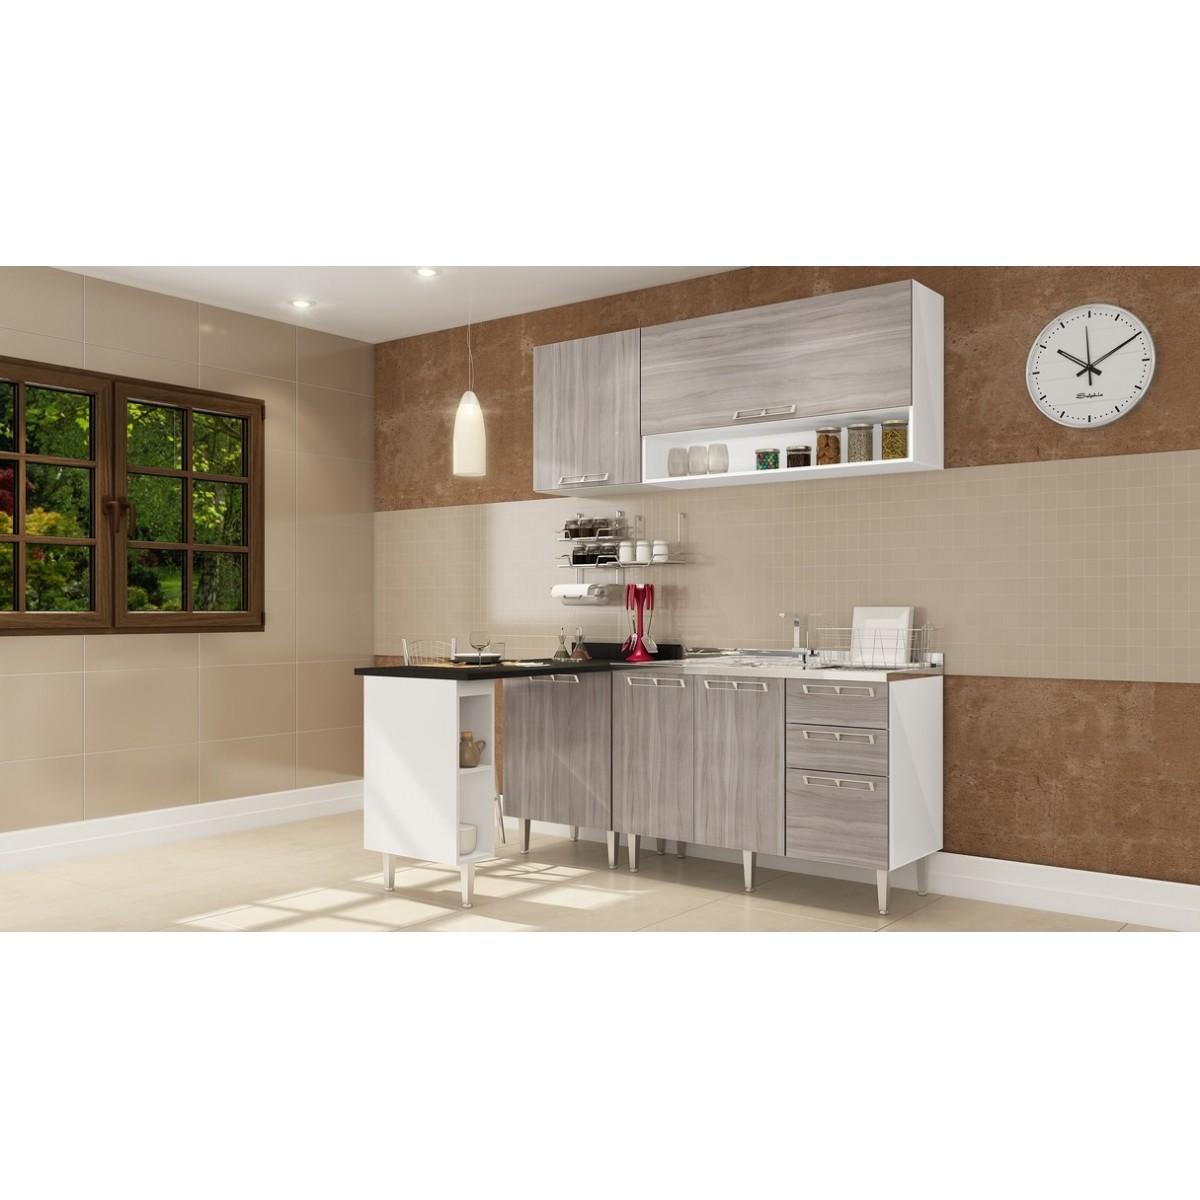 Cozinha Modulada Completa 5 peças Modelo 09 Várias Cores Mia Coccina